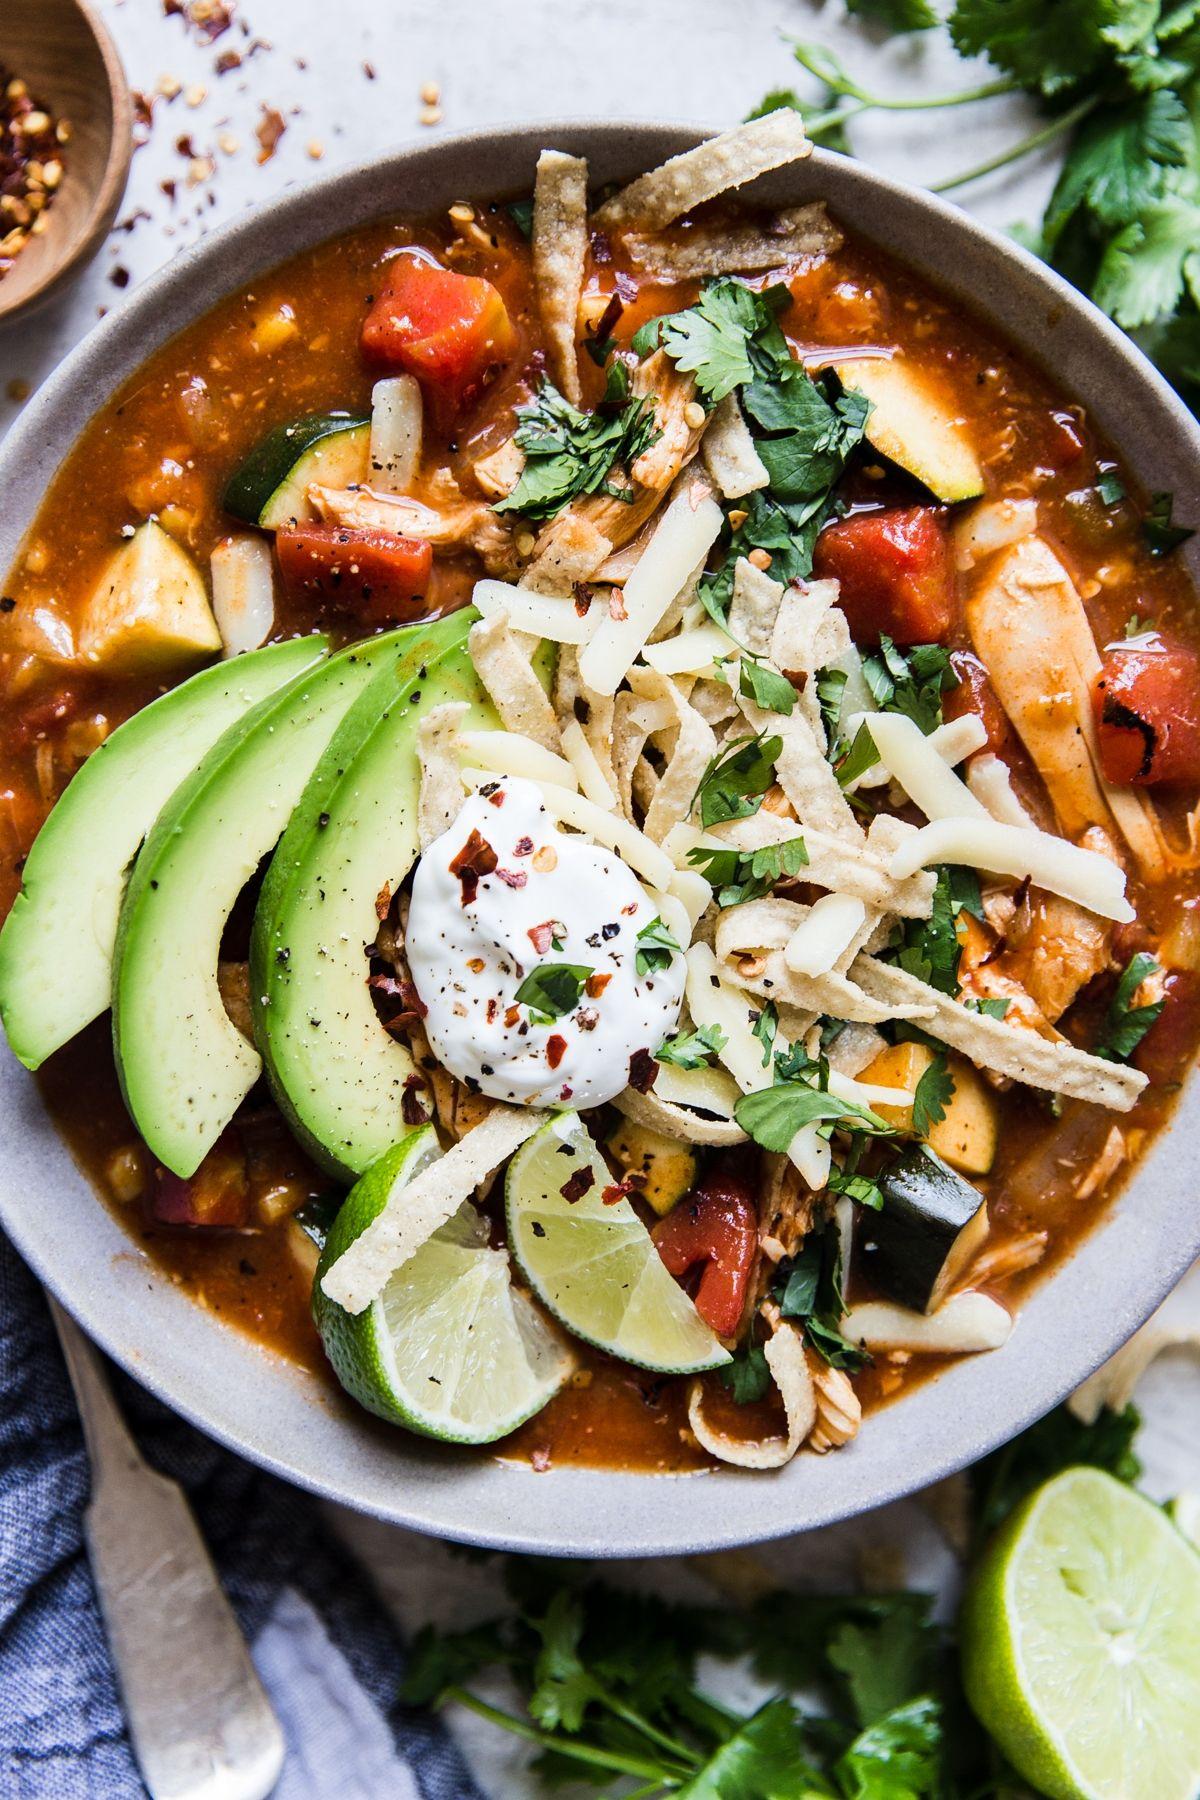 Tortilla Soup #chickentortillasoup